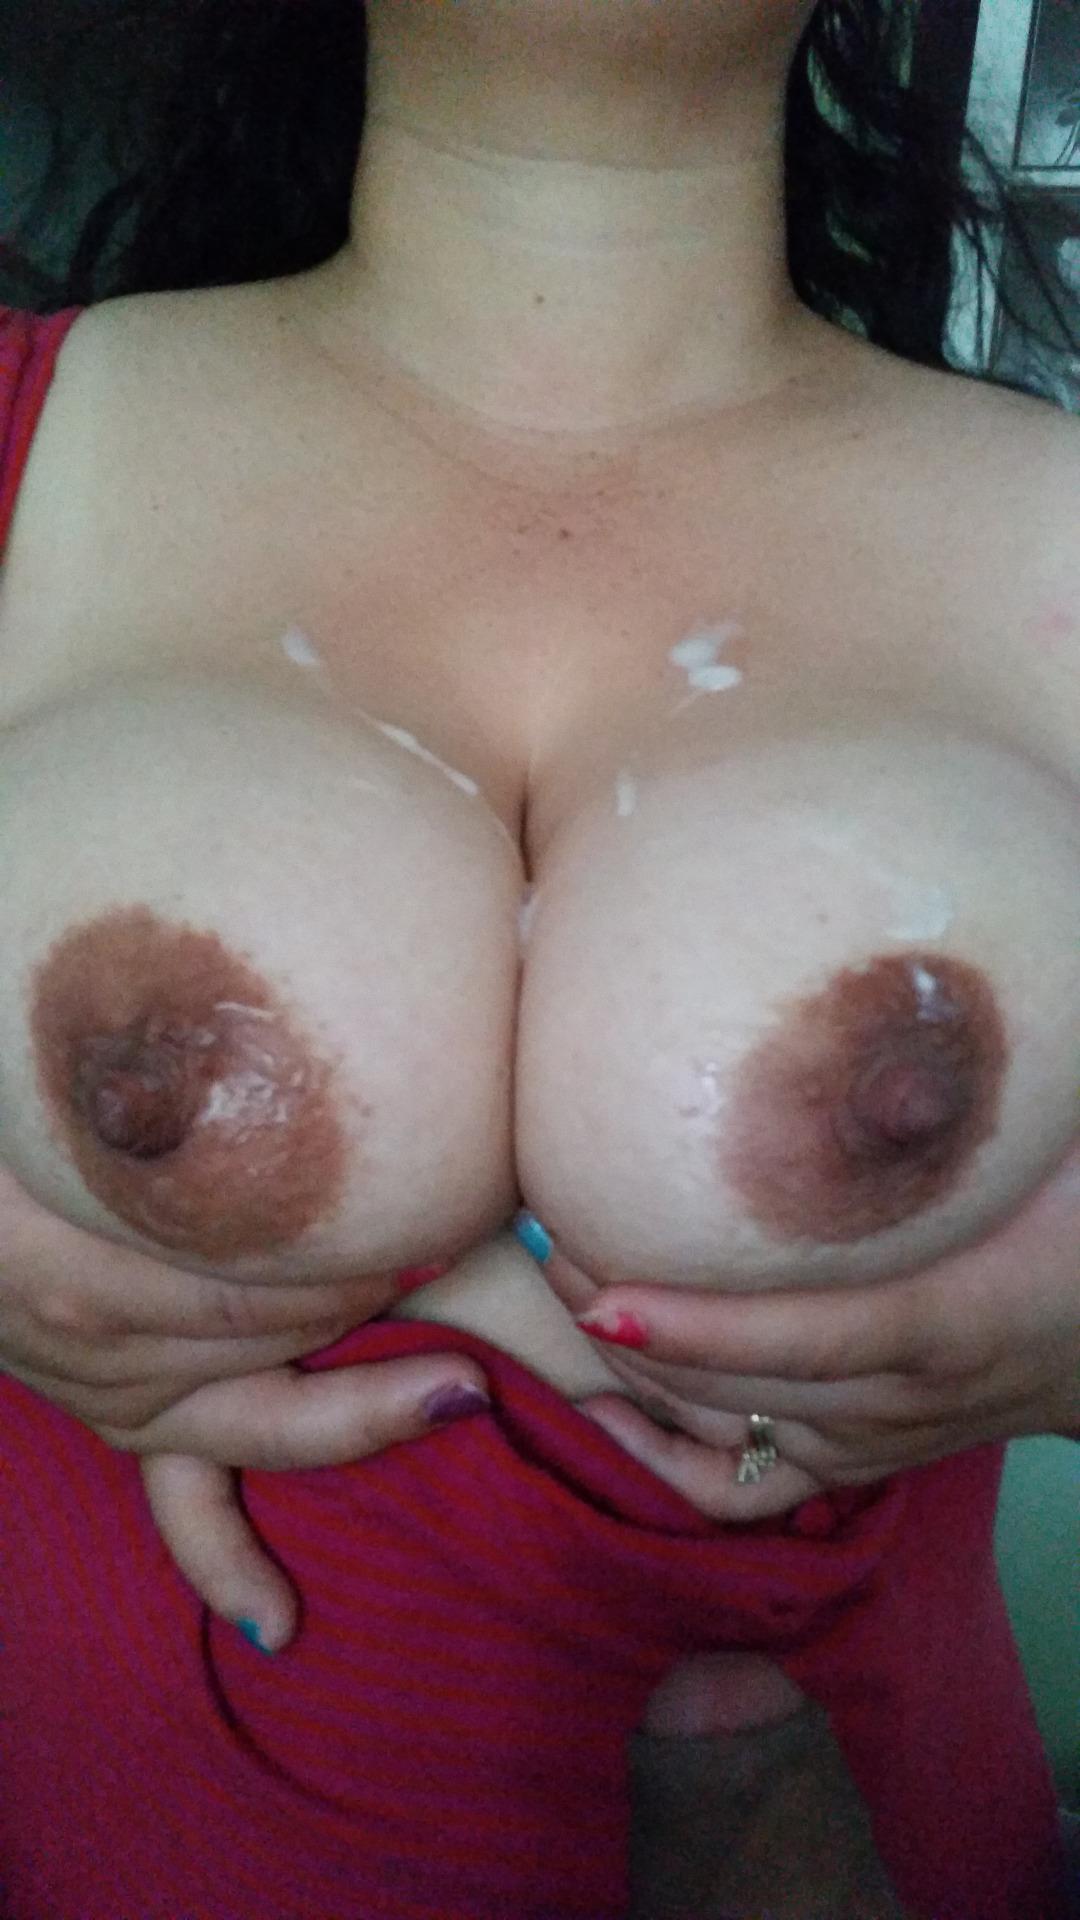 【ぶっかけエロ画像】最後は擦りつけて残り汁までw超爽快の生乳に放出www 24